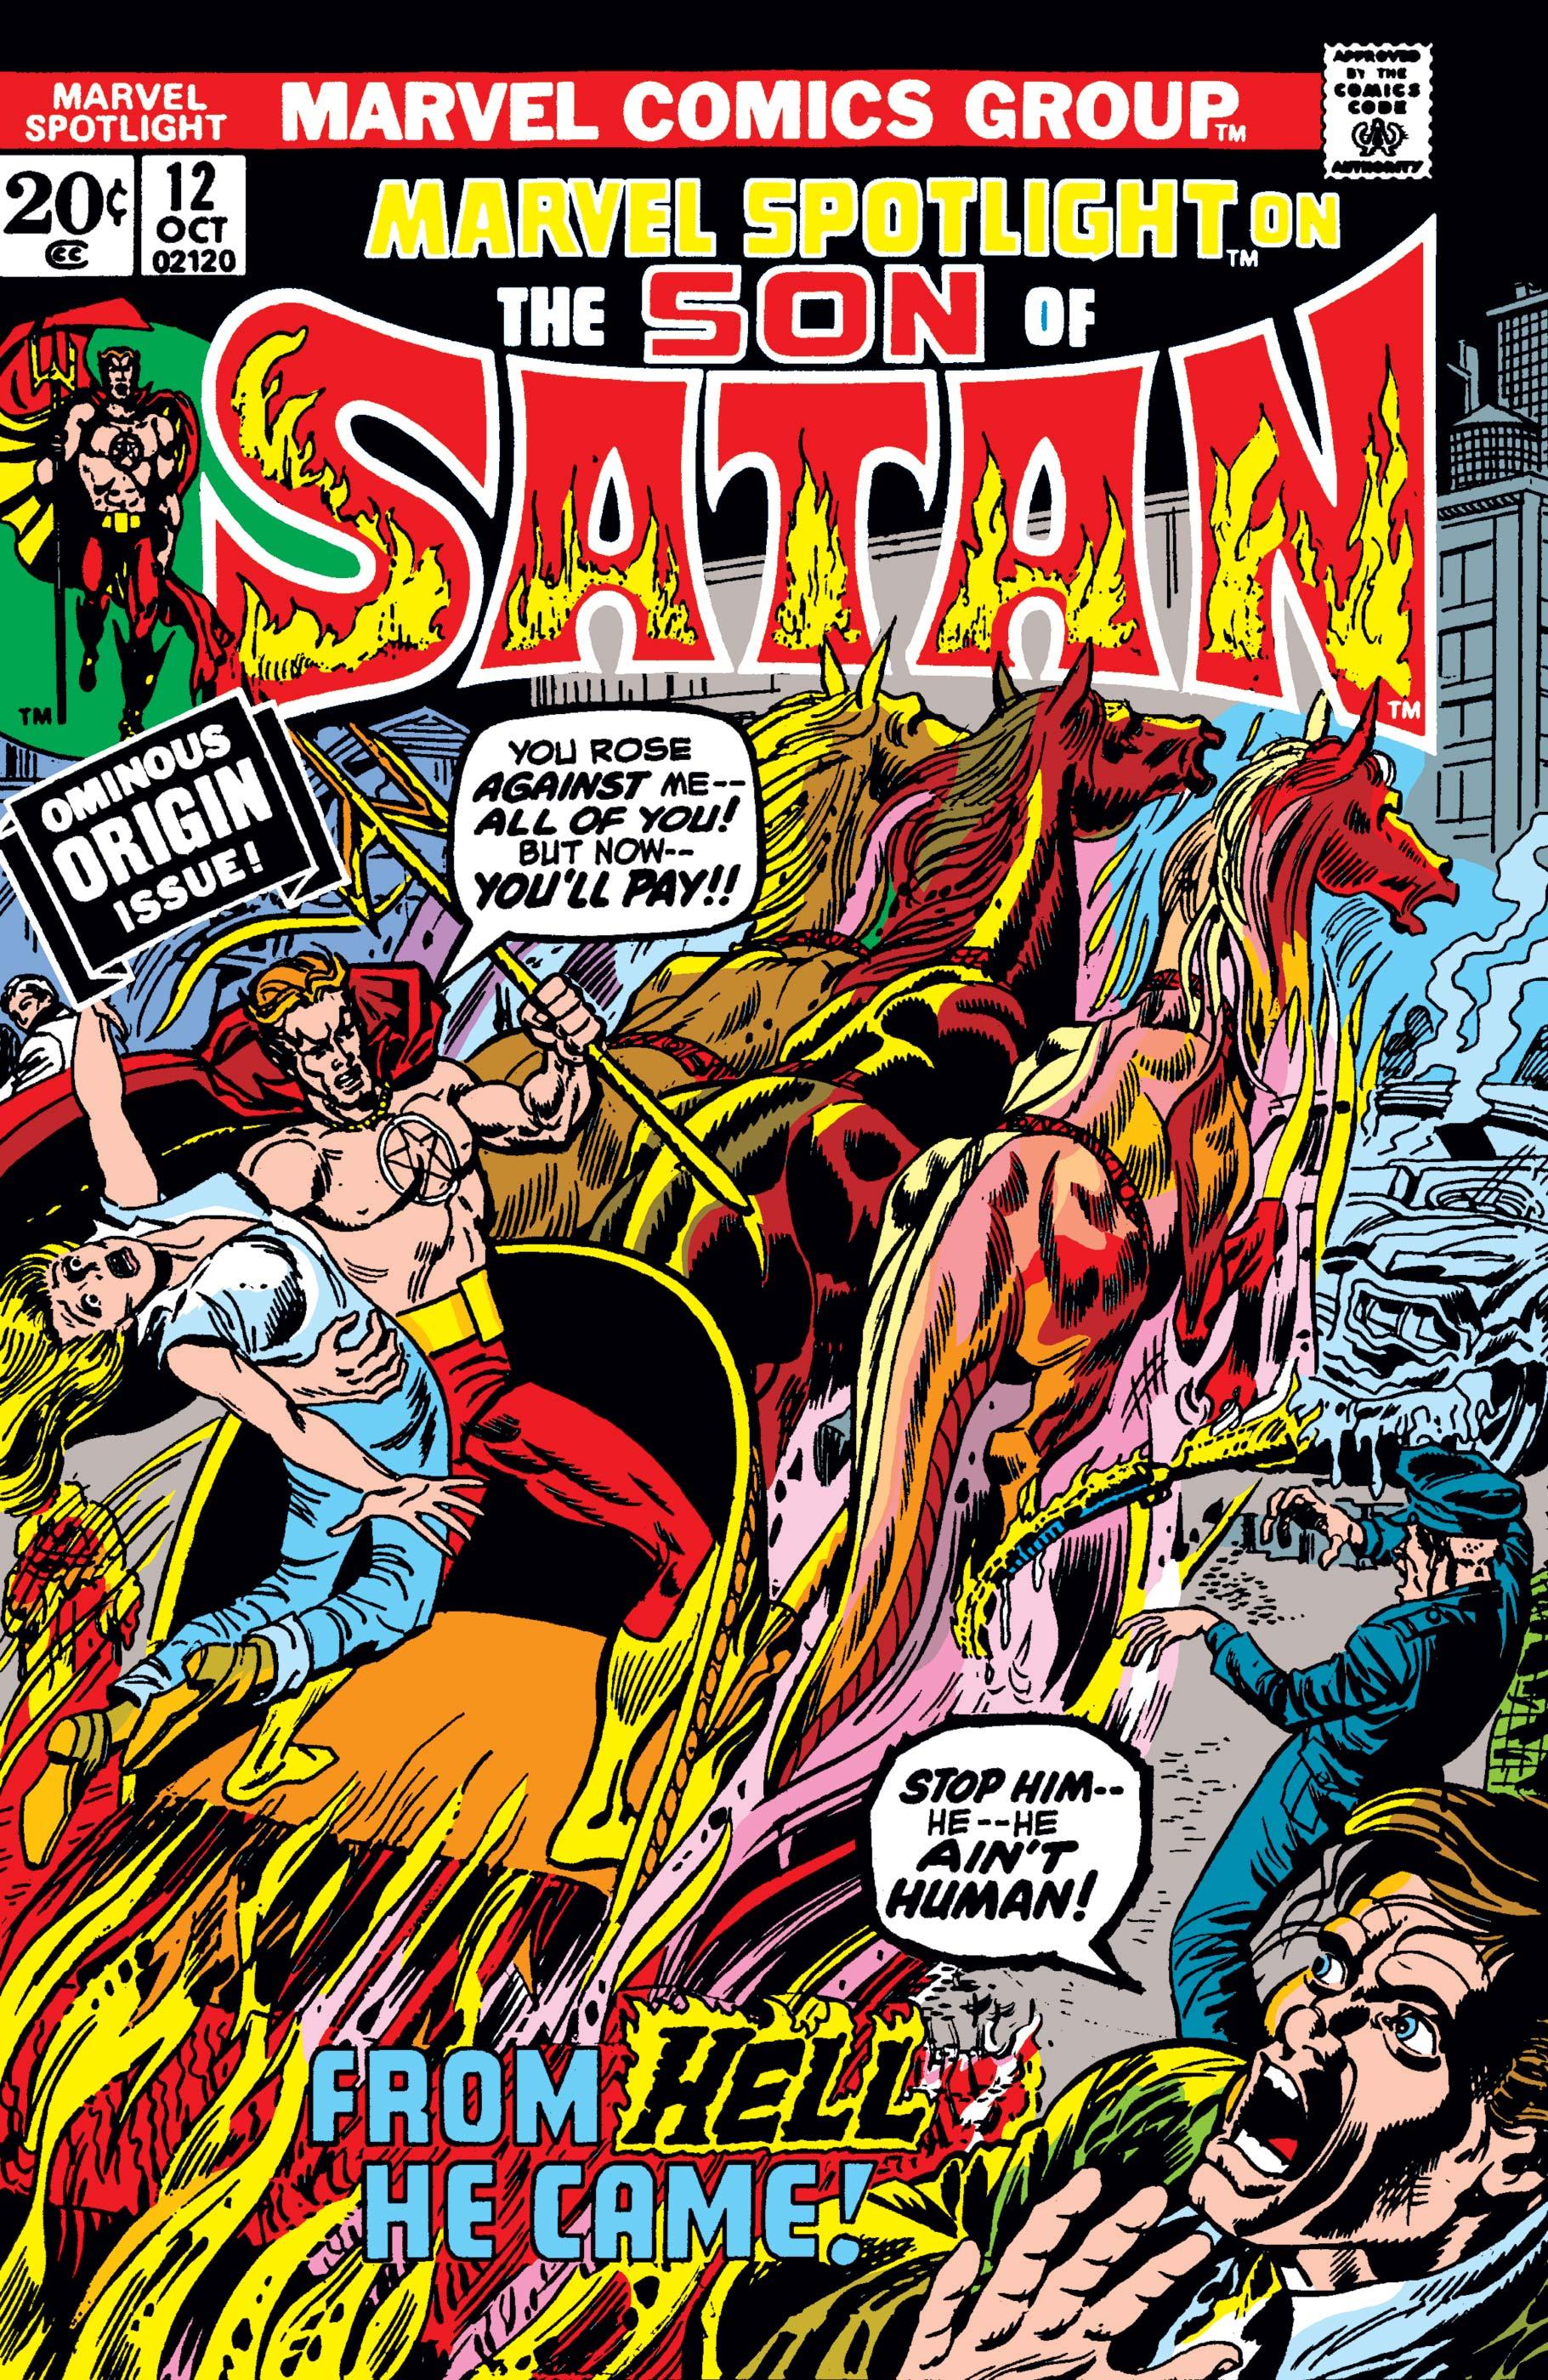 Marvel Spotlight (1971) #12